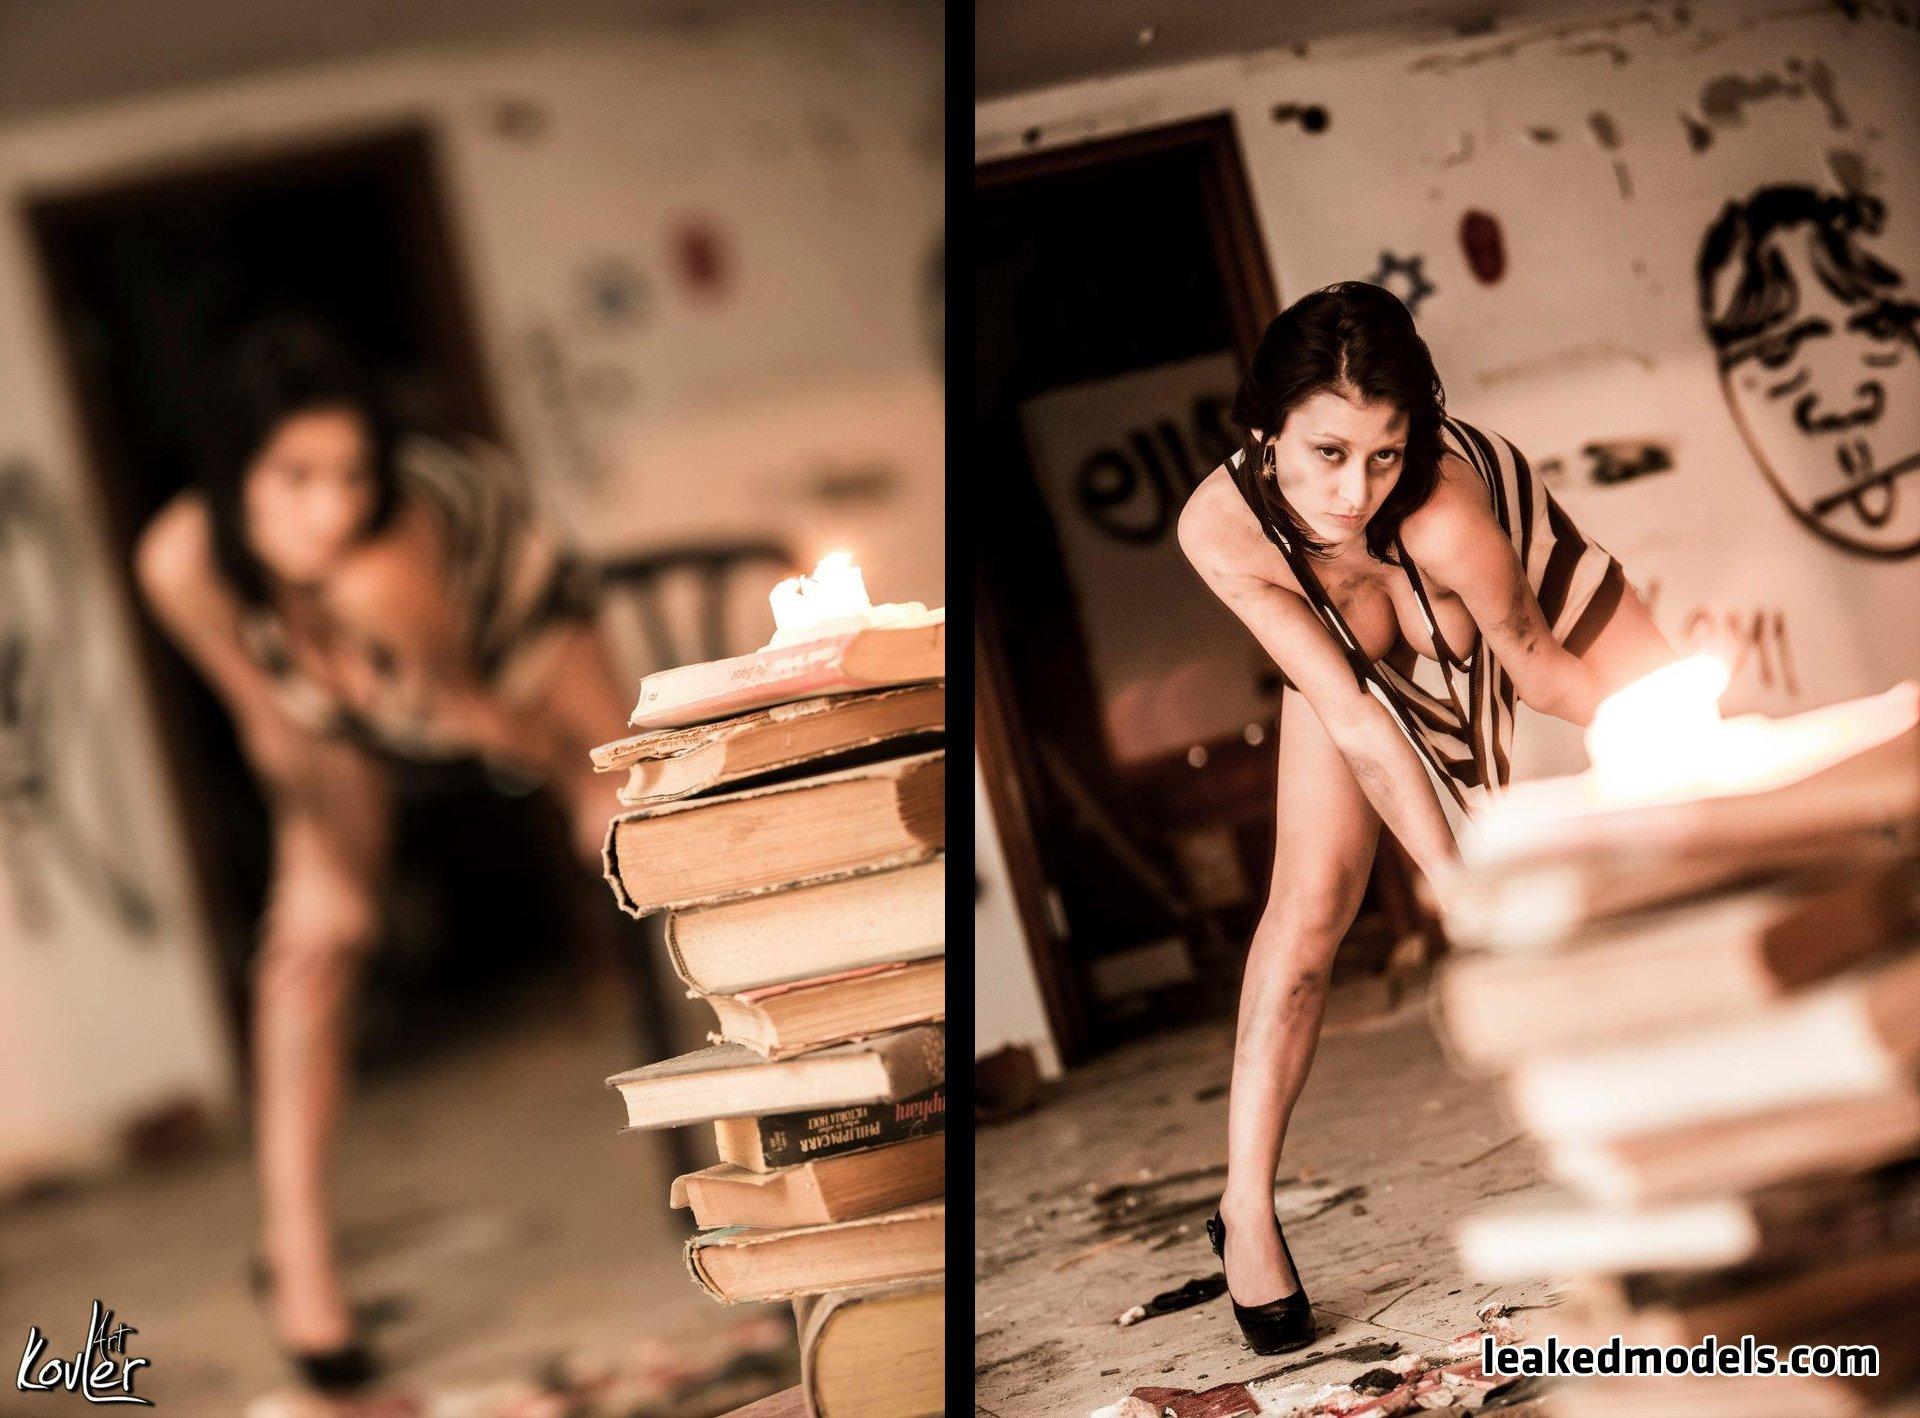 valeriya dubinskaya leaked nude leakedmodels.com 0005 - Valeriya Dubinskaya Instagram Nude Leaks (37 Photos)